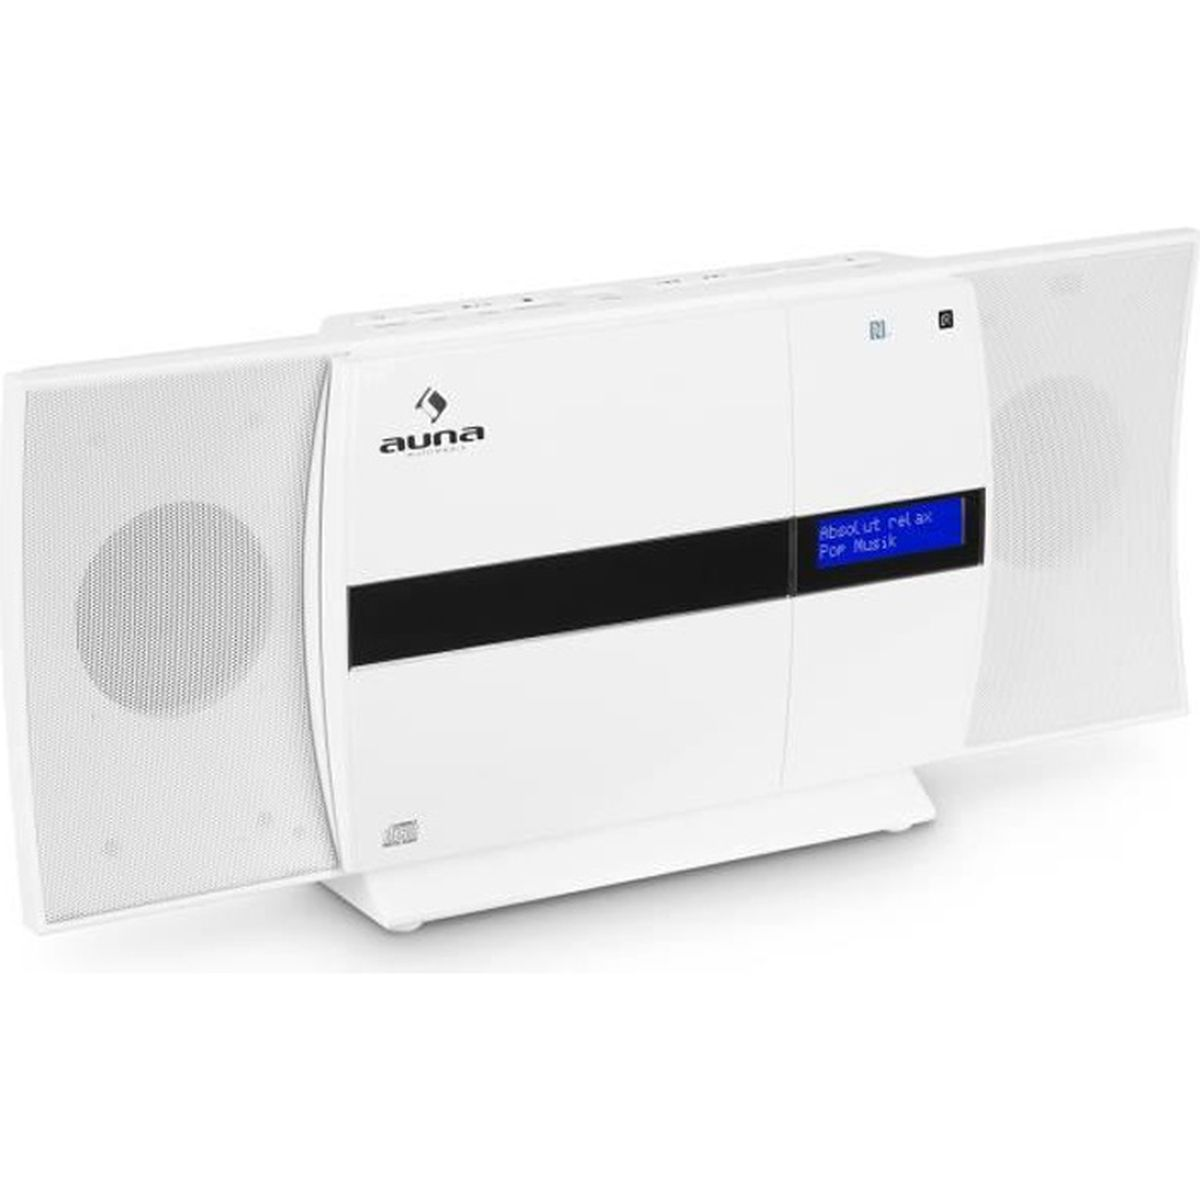 CHAINE HI-FI auna V-20 DAB Chaîne stéréo verticale Bluetooth NF